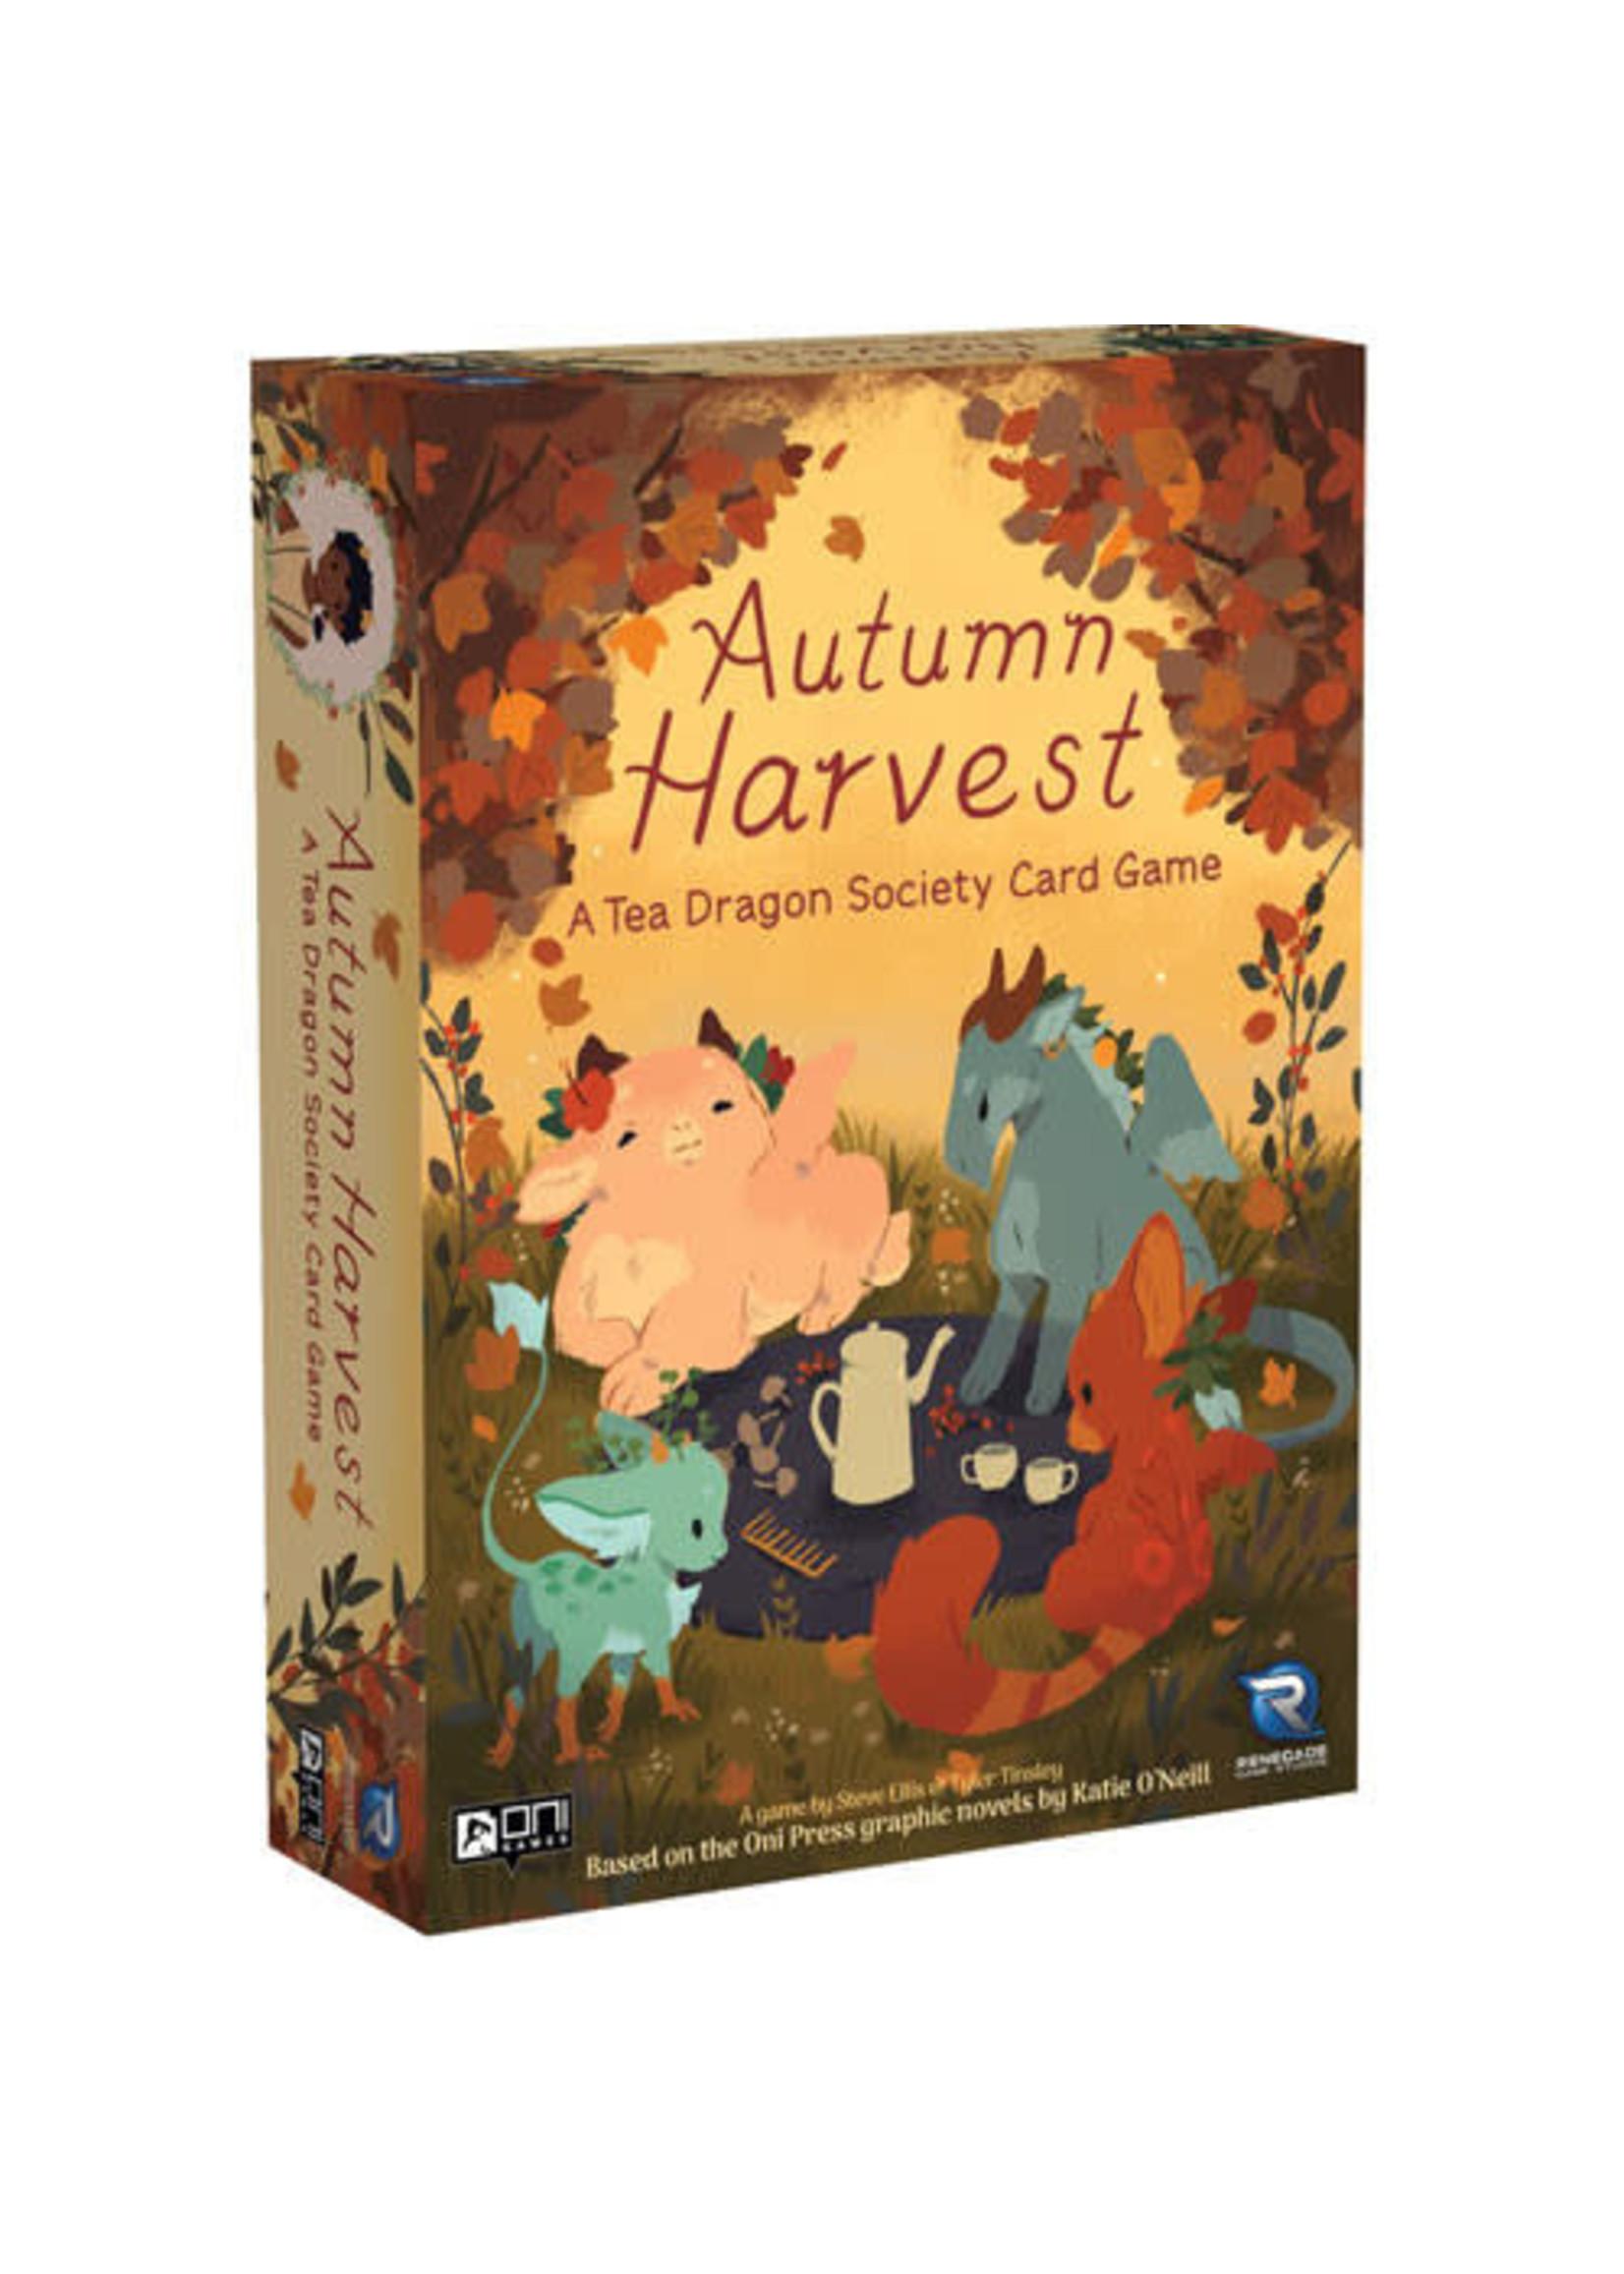 Autumn Harvest A Tea Dragon Society Card Game